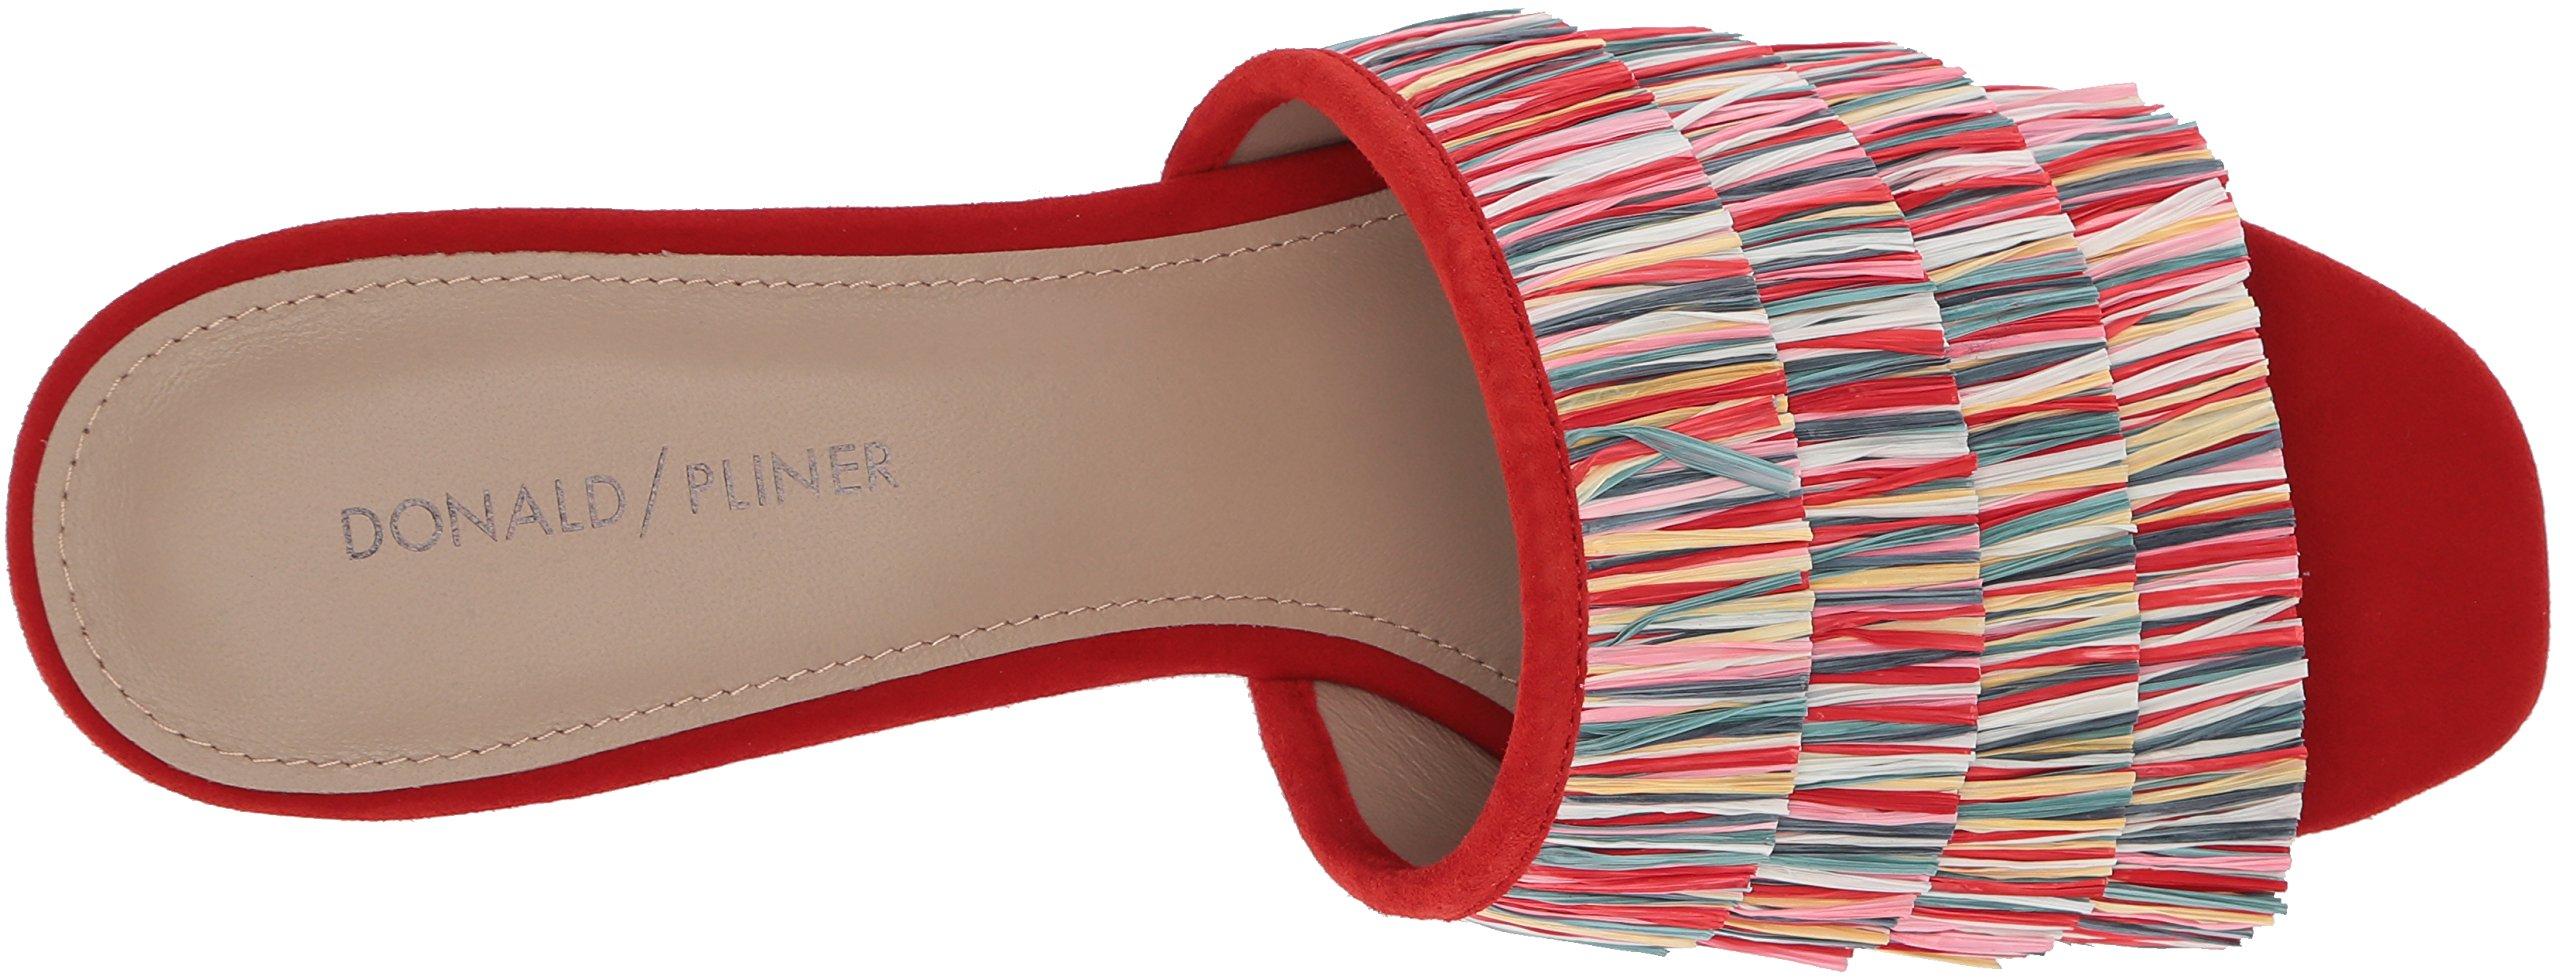 Donald J Pliner Women's Reise Slide Sandal, Red/Multi, 9 Medium US by Donald J Pliner (Image #8)